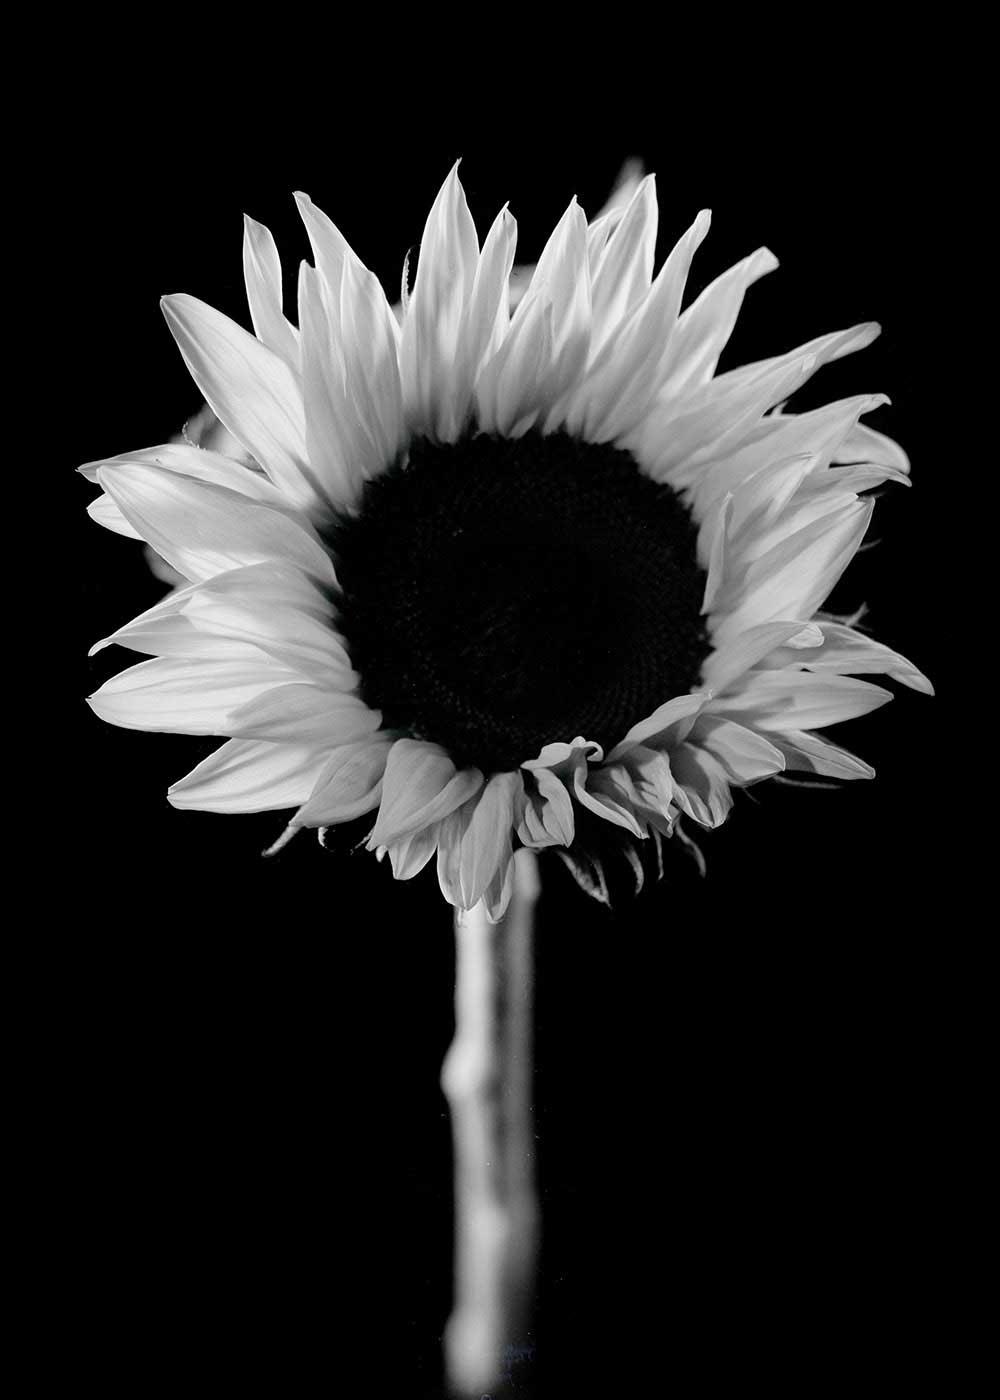 guillaume_dhubert_herbarium_006